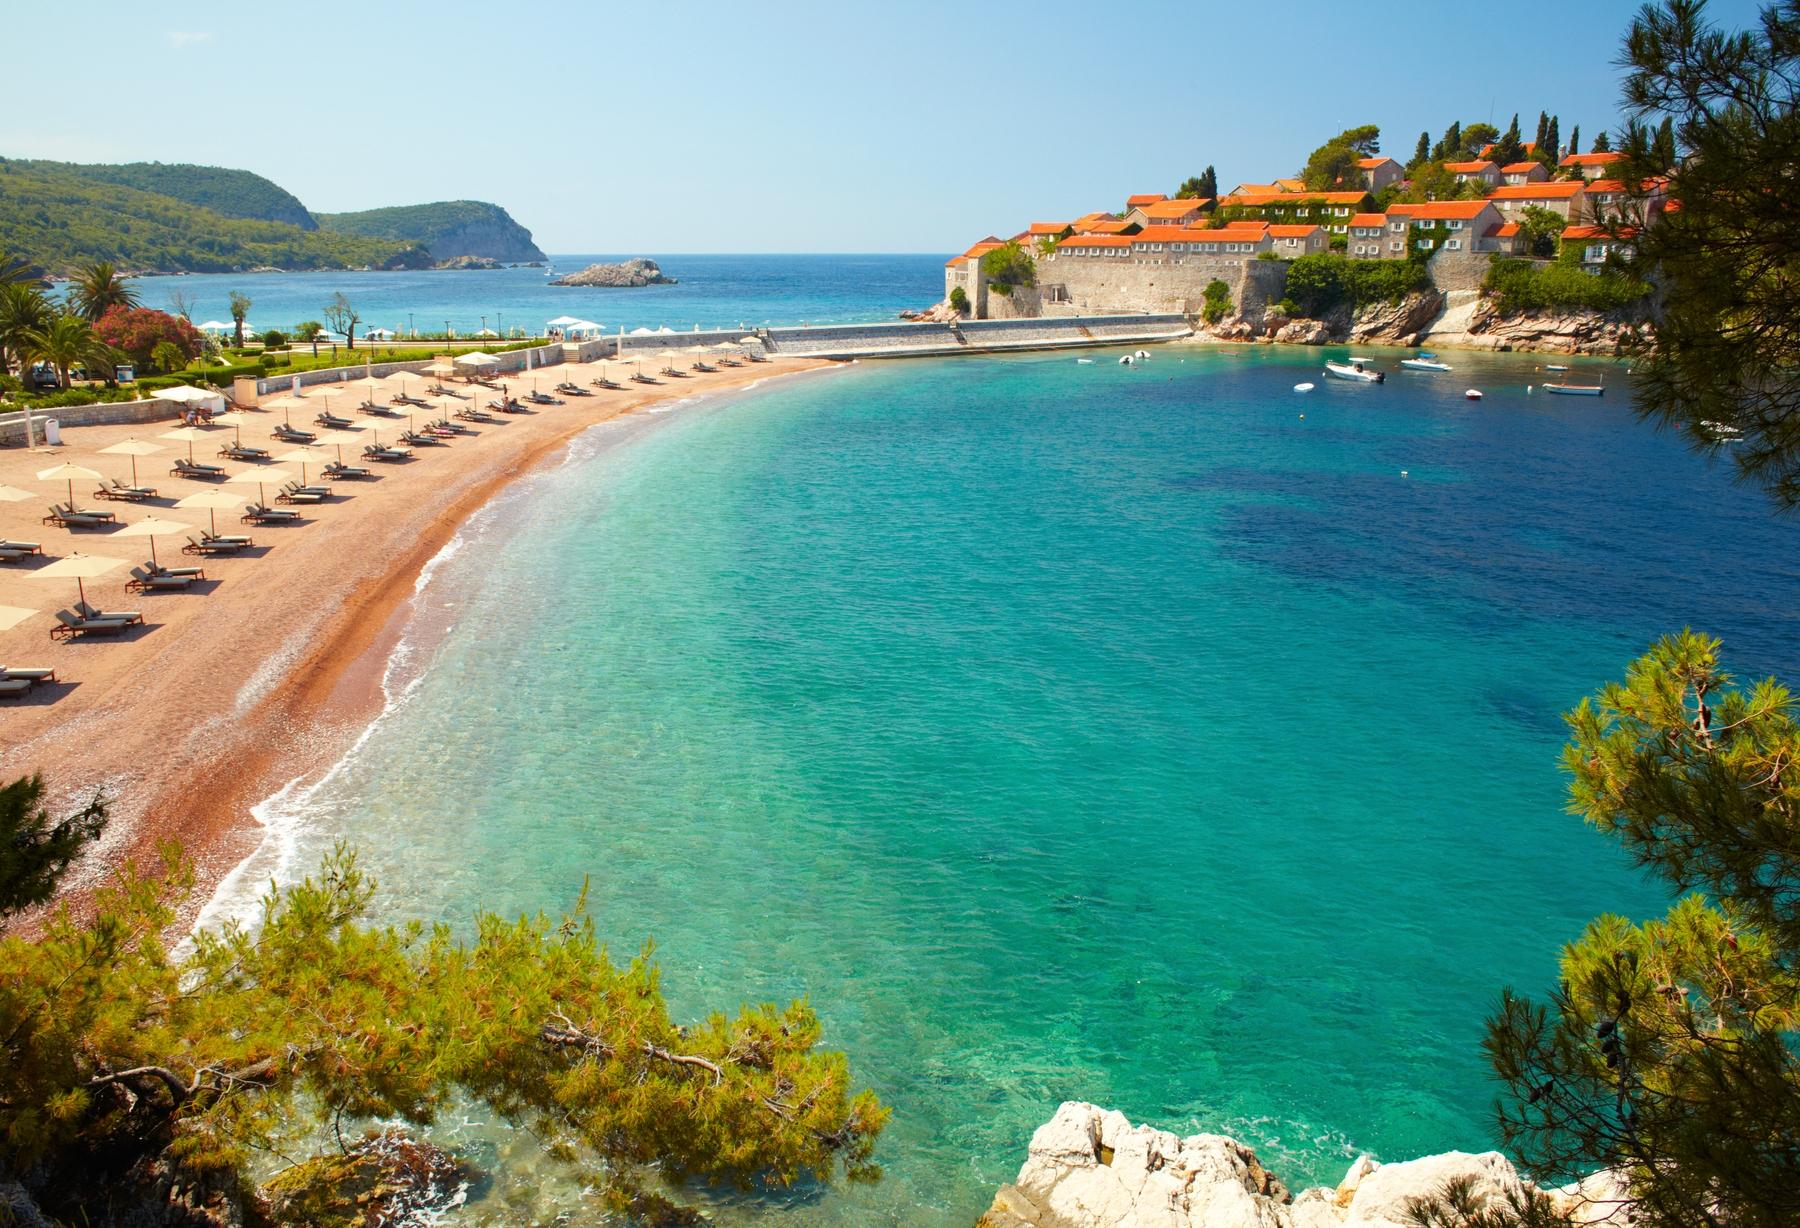 Курортный остров Свети-Стефан в Черногории. Лучшие направления для первого самостоятельного путешествия